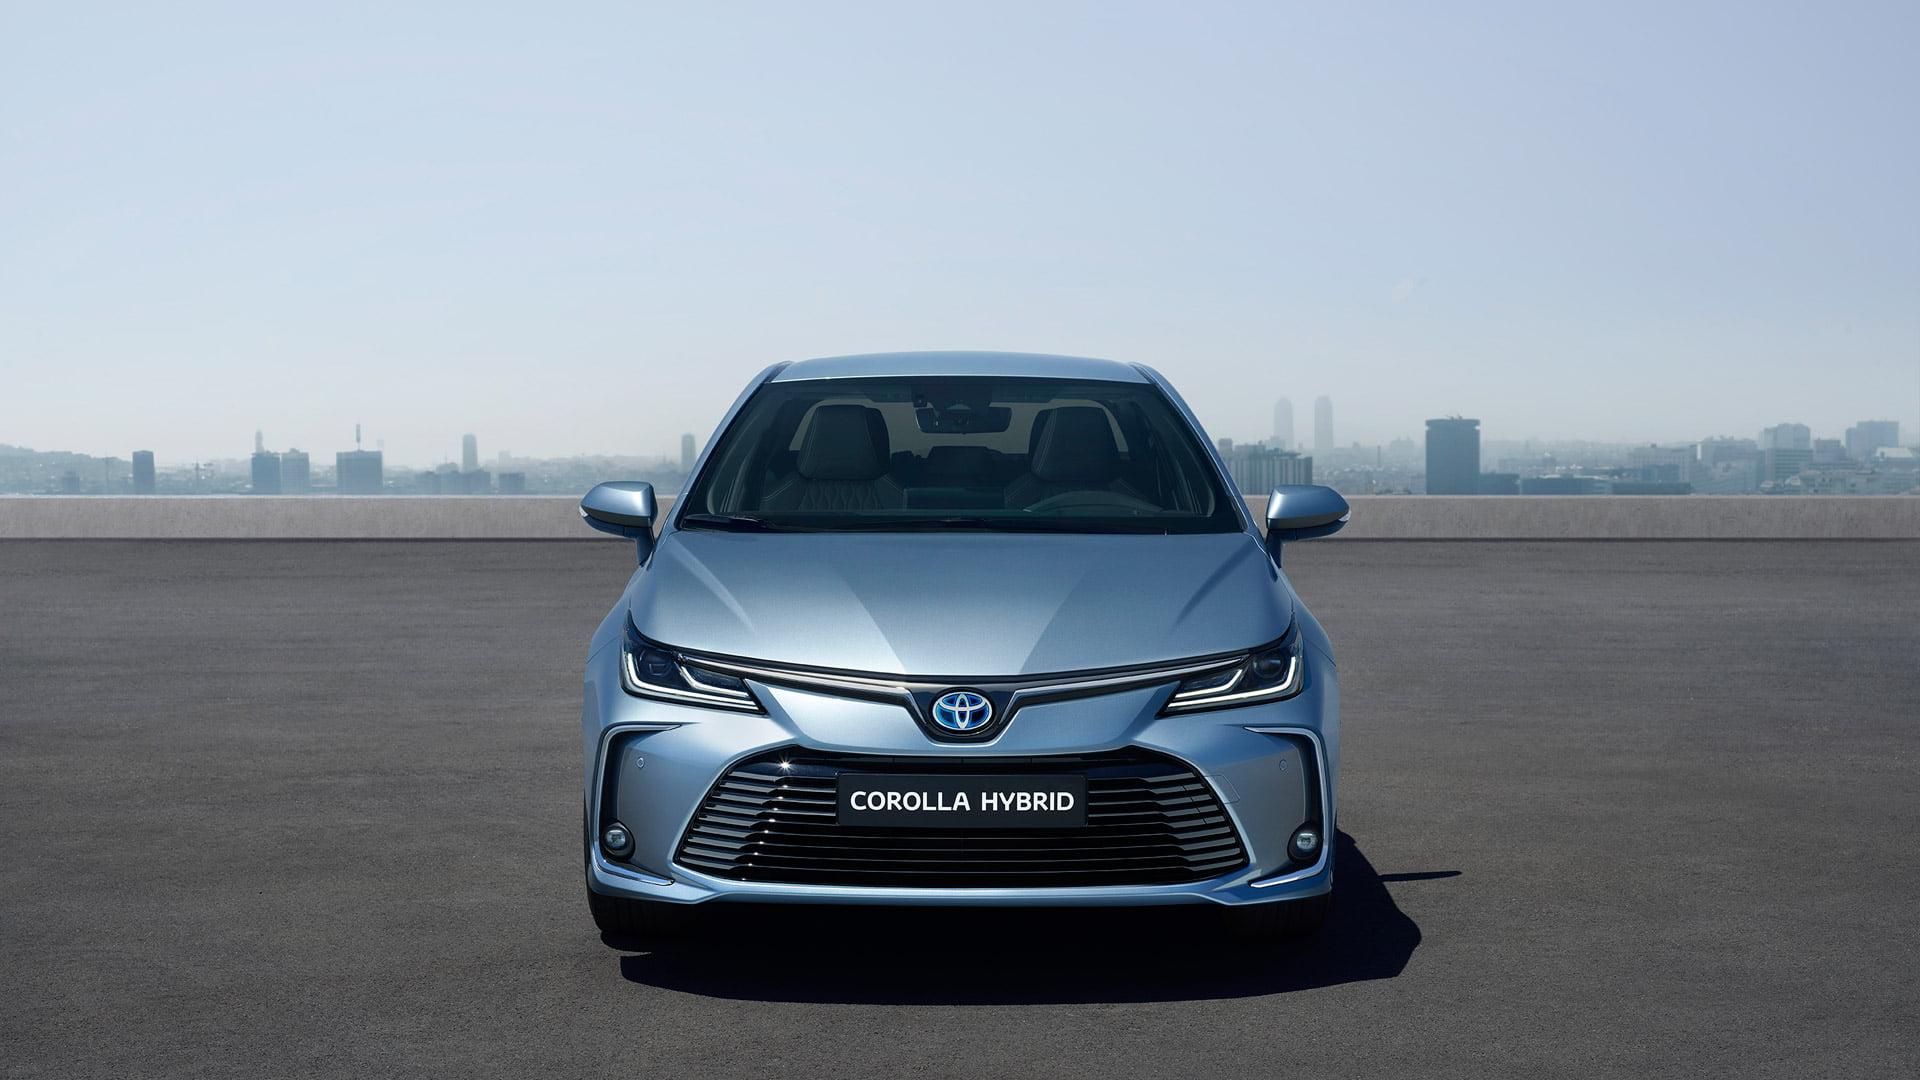 Kamu bankalarının yeni araç satın almak isteyenler için uygun faizli krediler sunması, Toyota Türkiye araba fiyatları ile ilgili olumlu gelişmeler